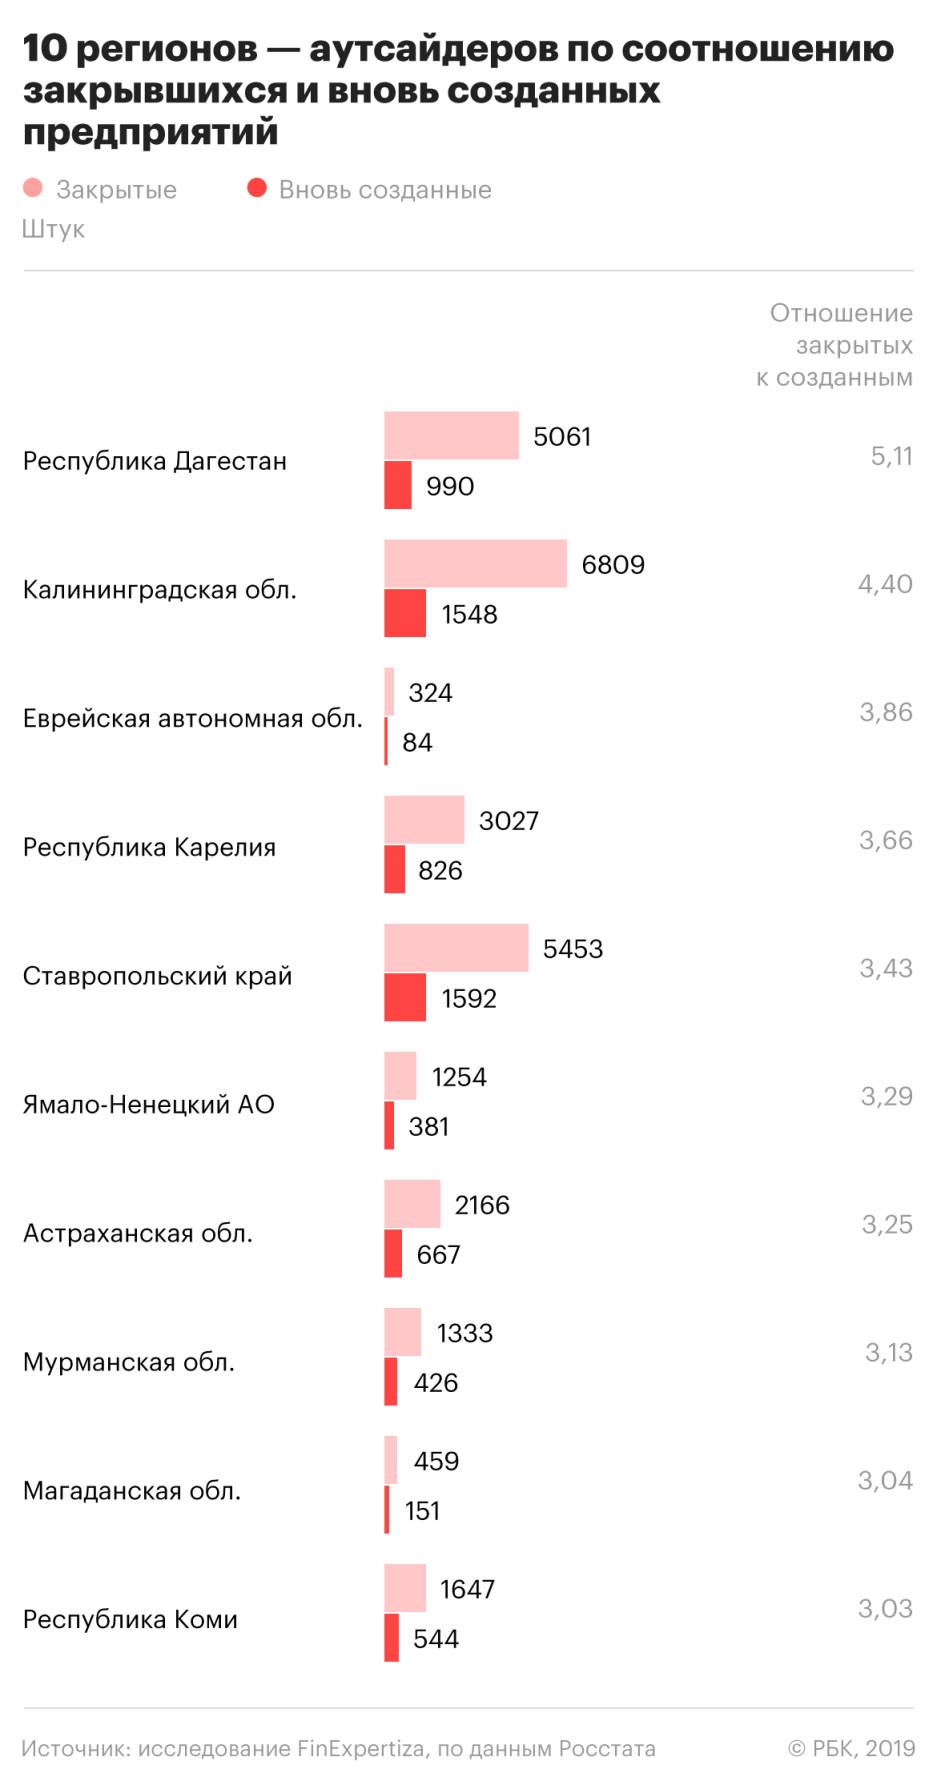 база данных предприятий москвы 2020